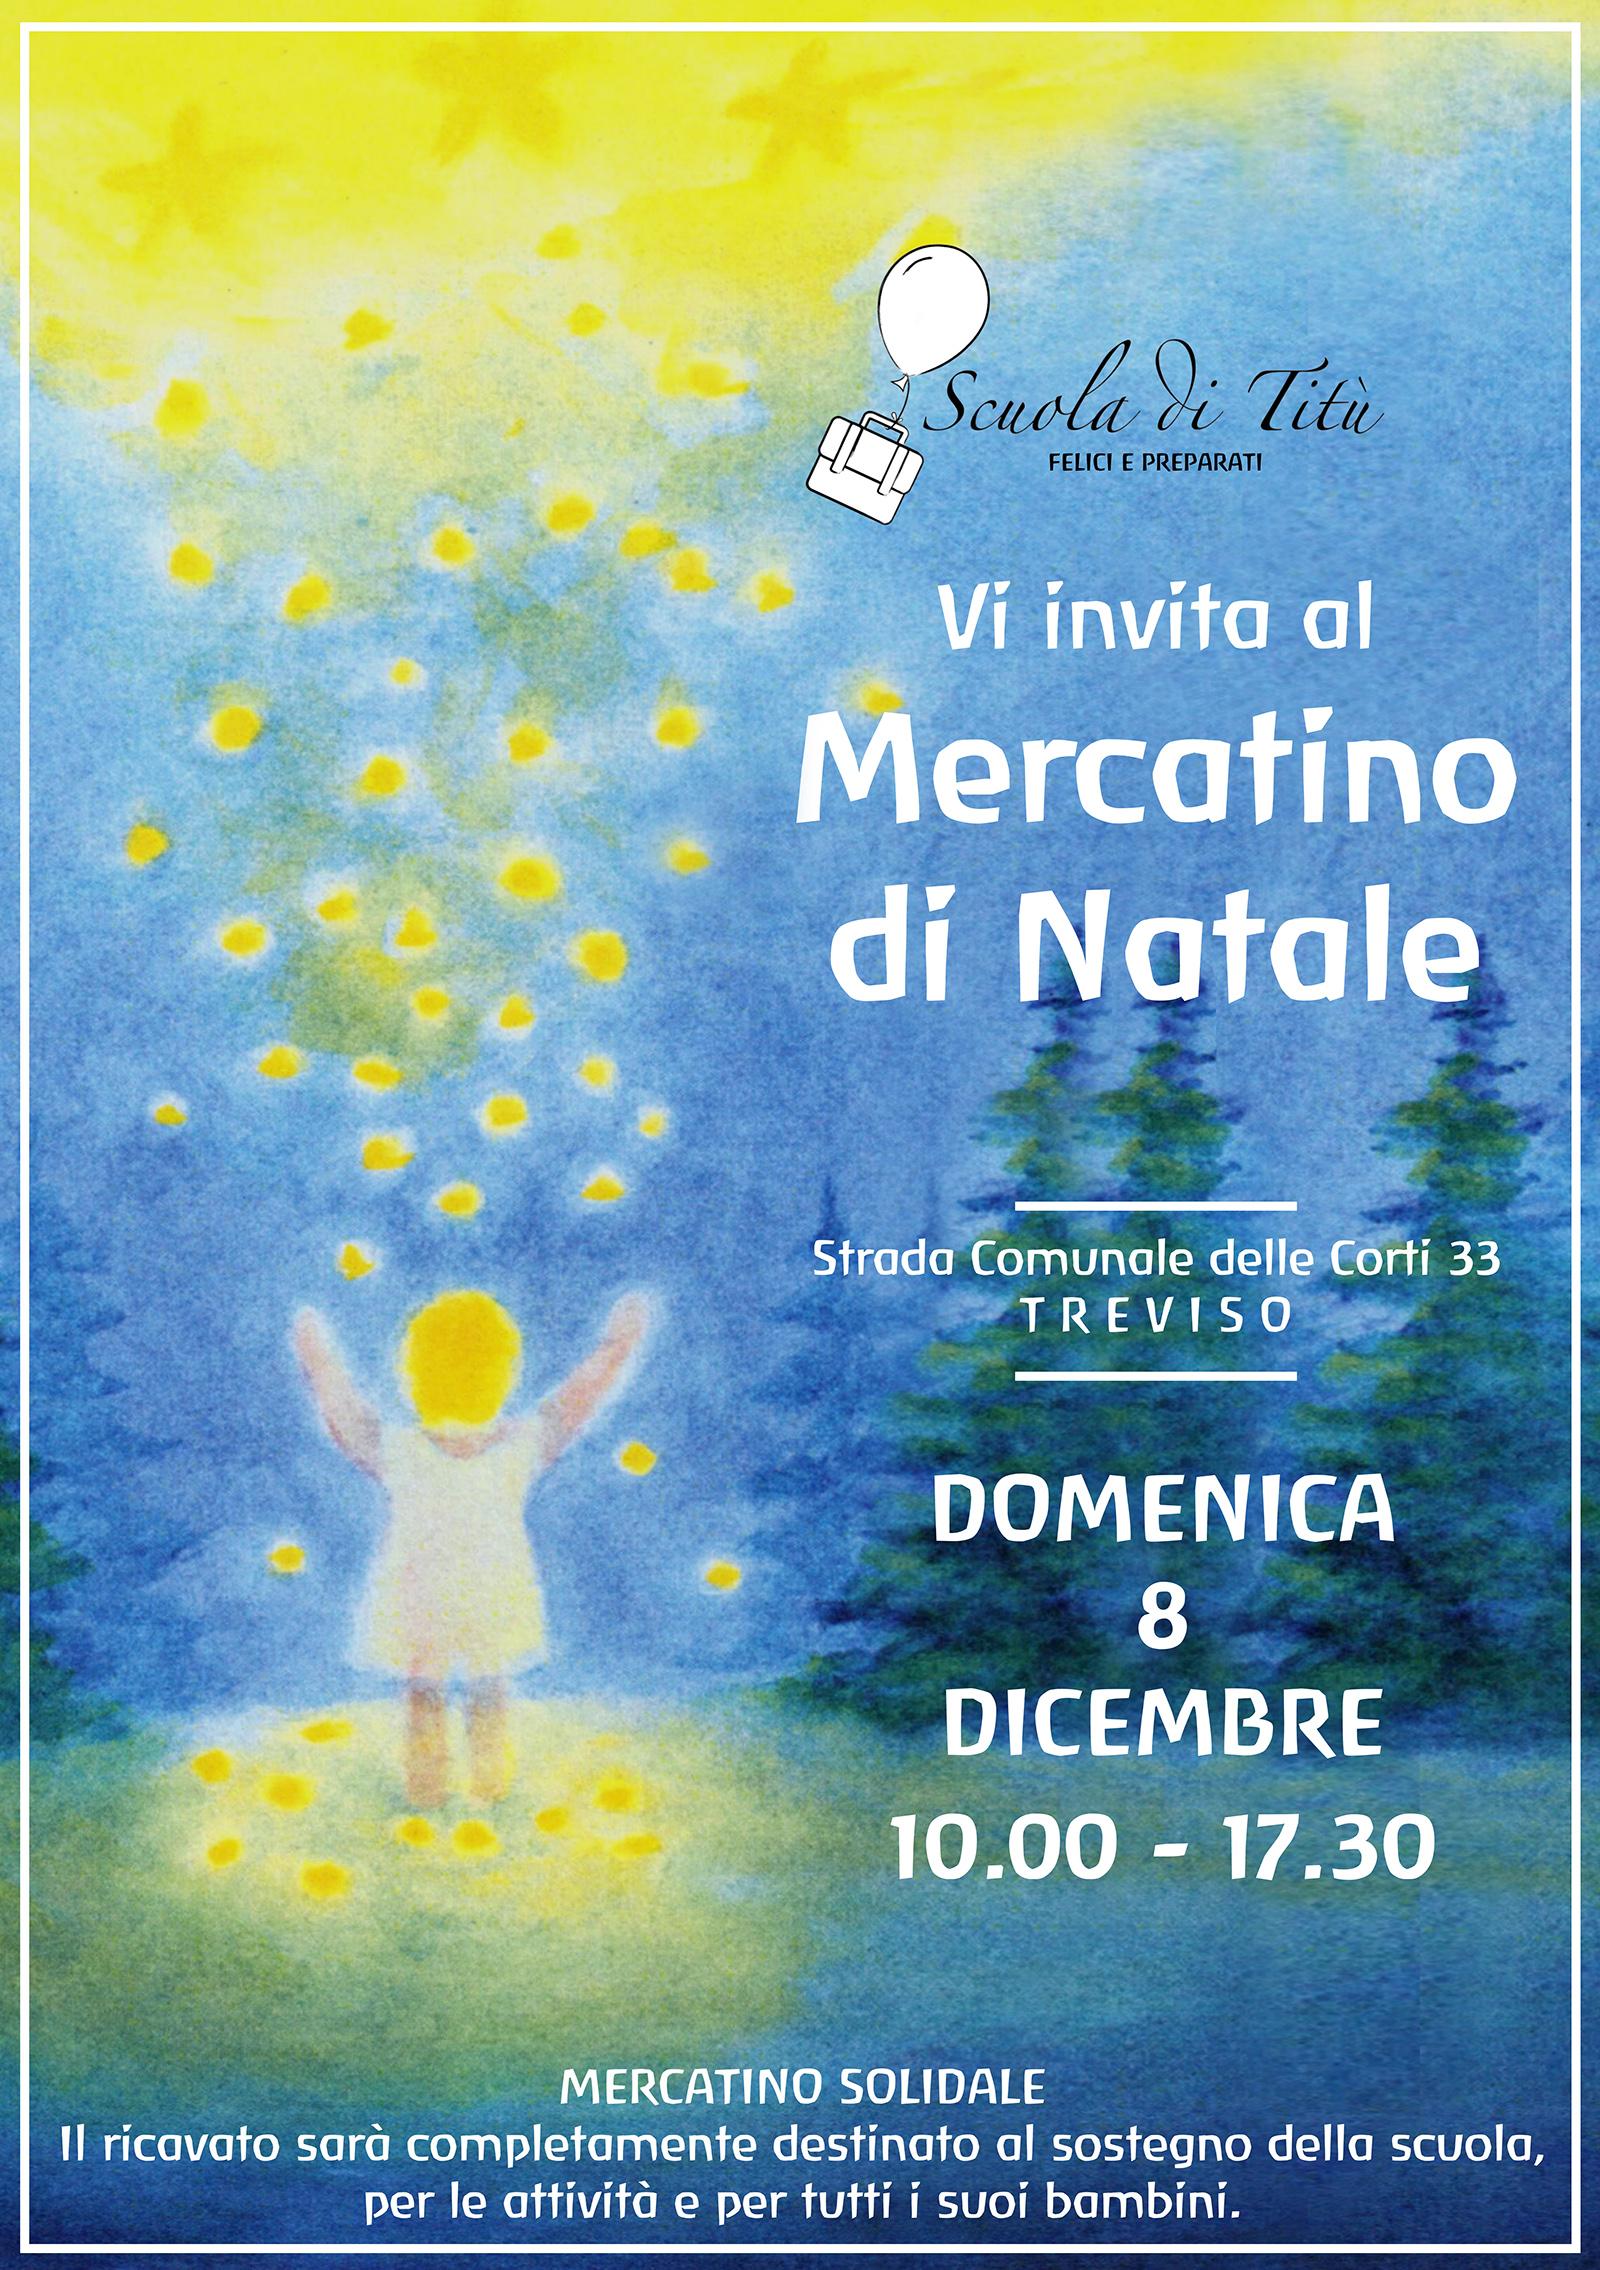 MERCATINO DI NATALE fronte 1600px